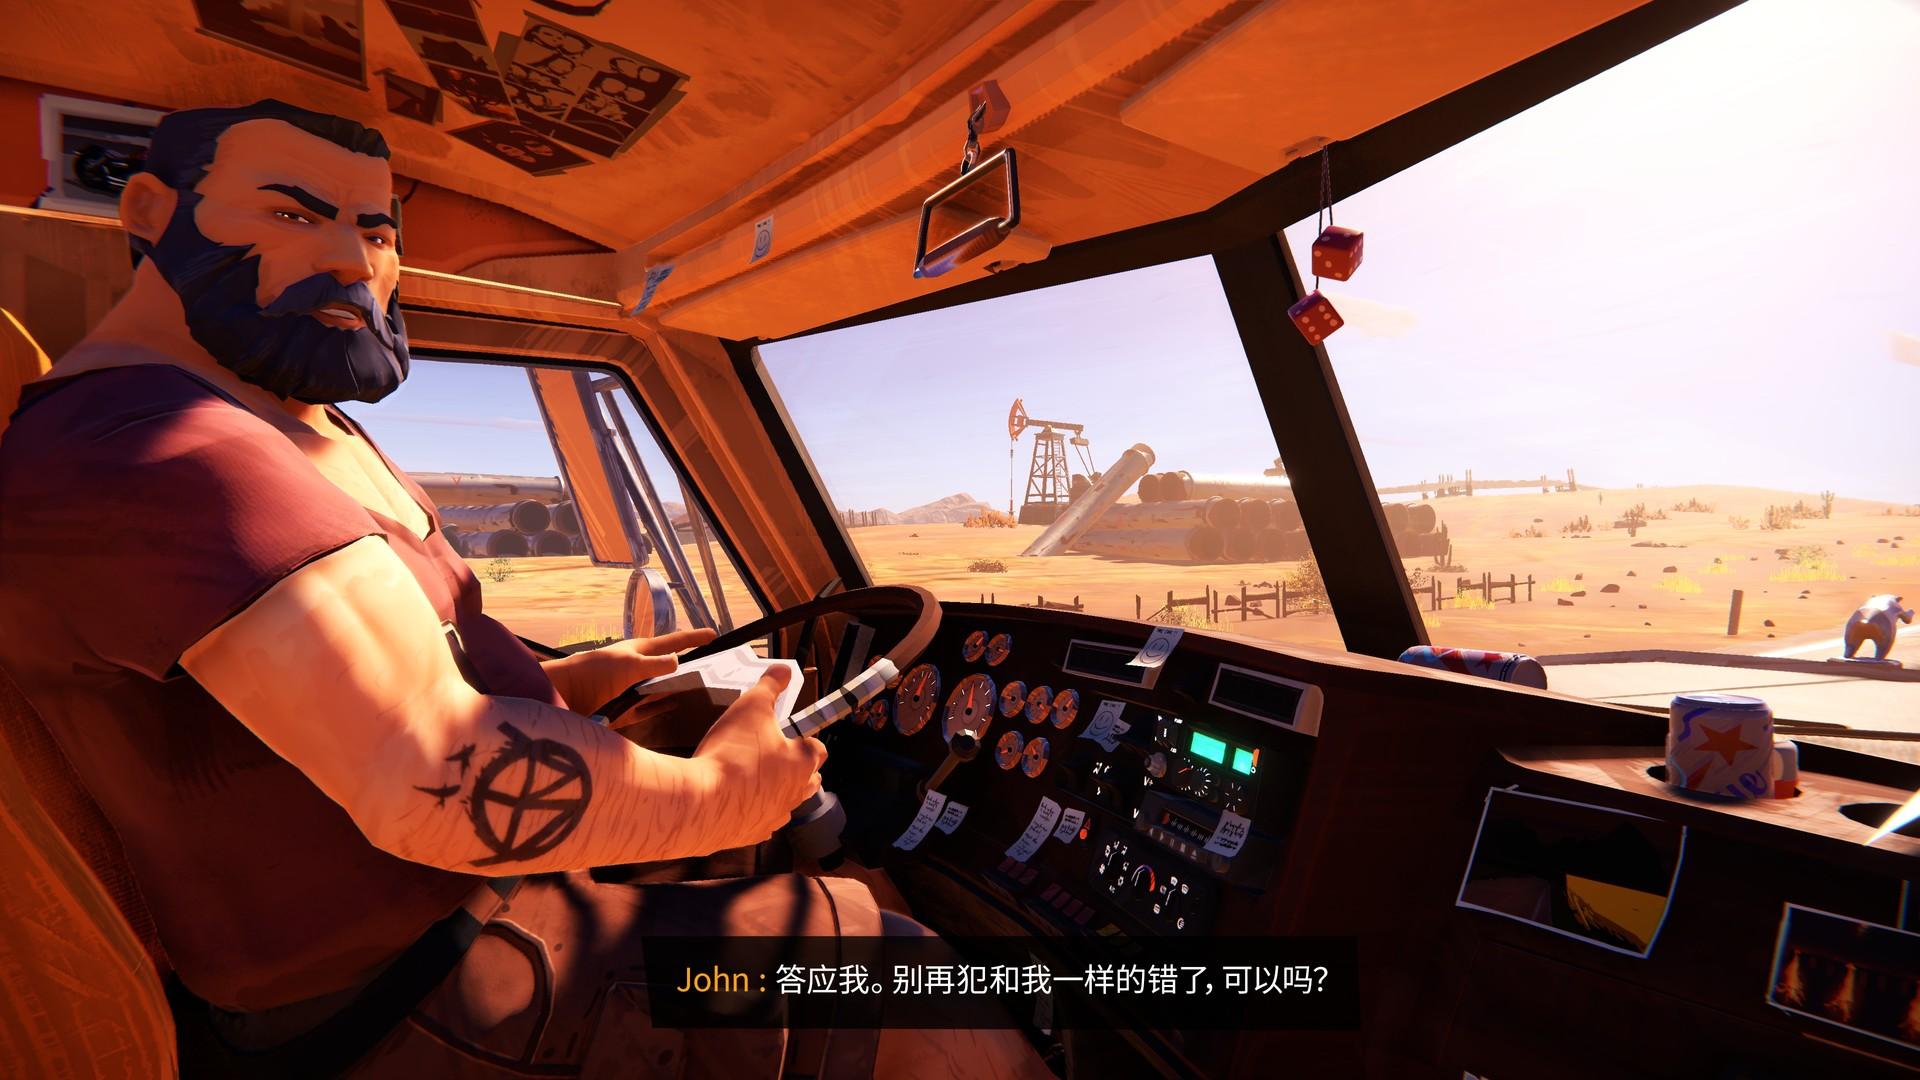 悬疑冒险游戏《九十六号公路》上架Steam 自带中文